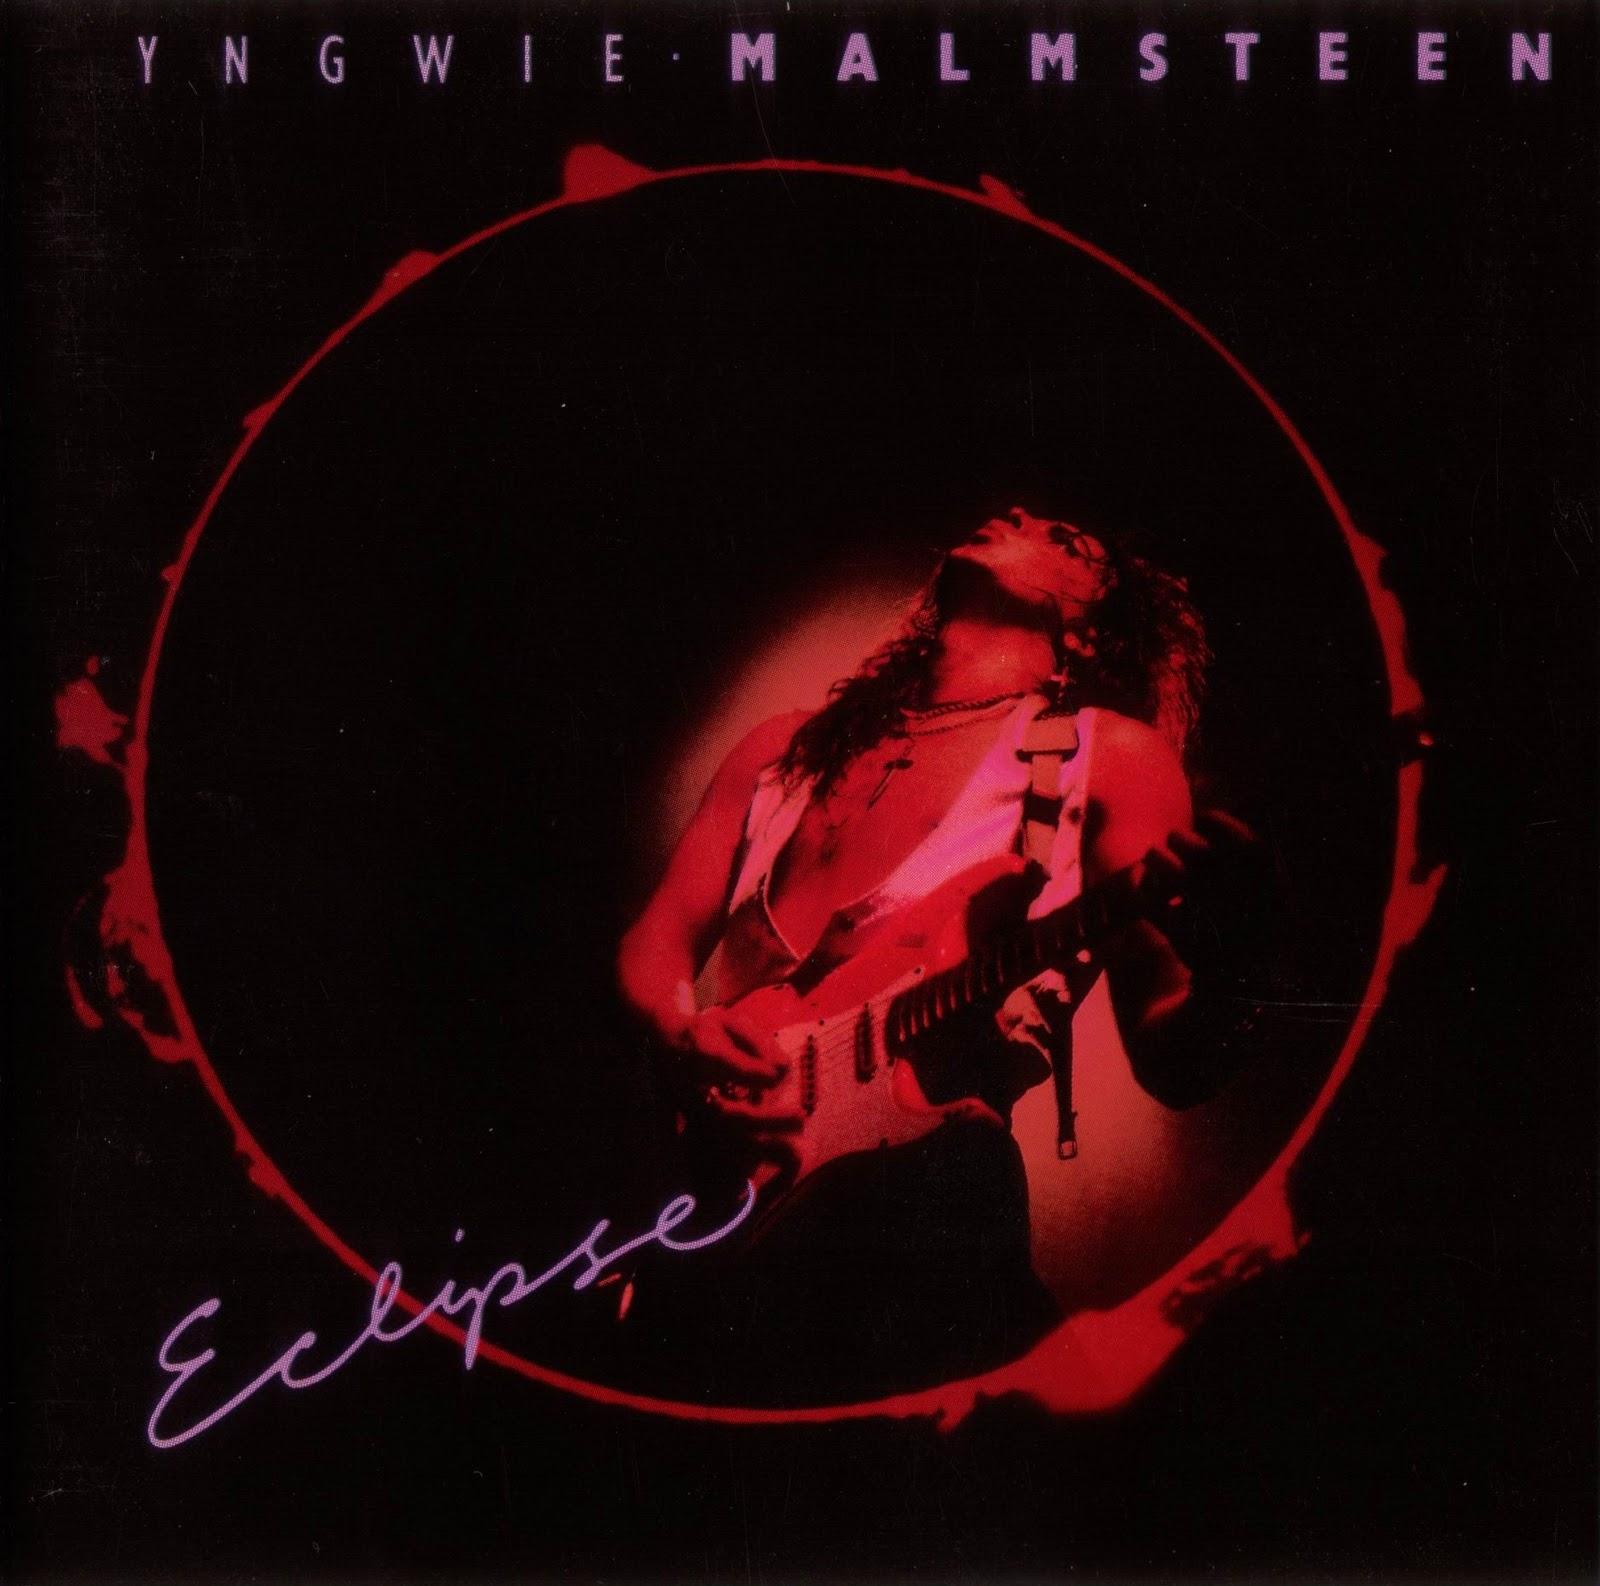 Rock Amp Metal 2 Yngwie Malmsteen Eclipse 1990